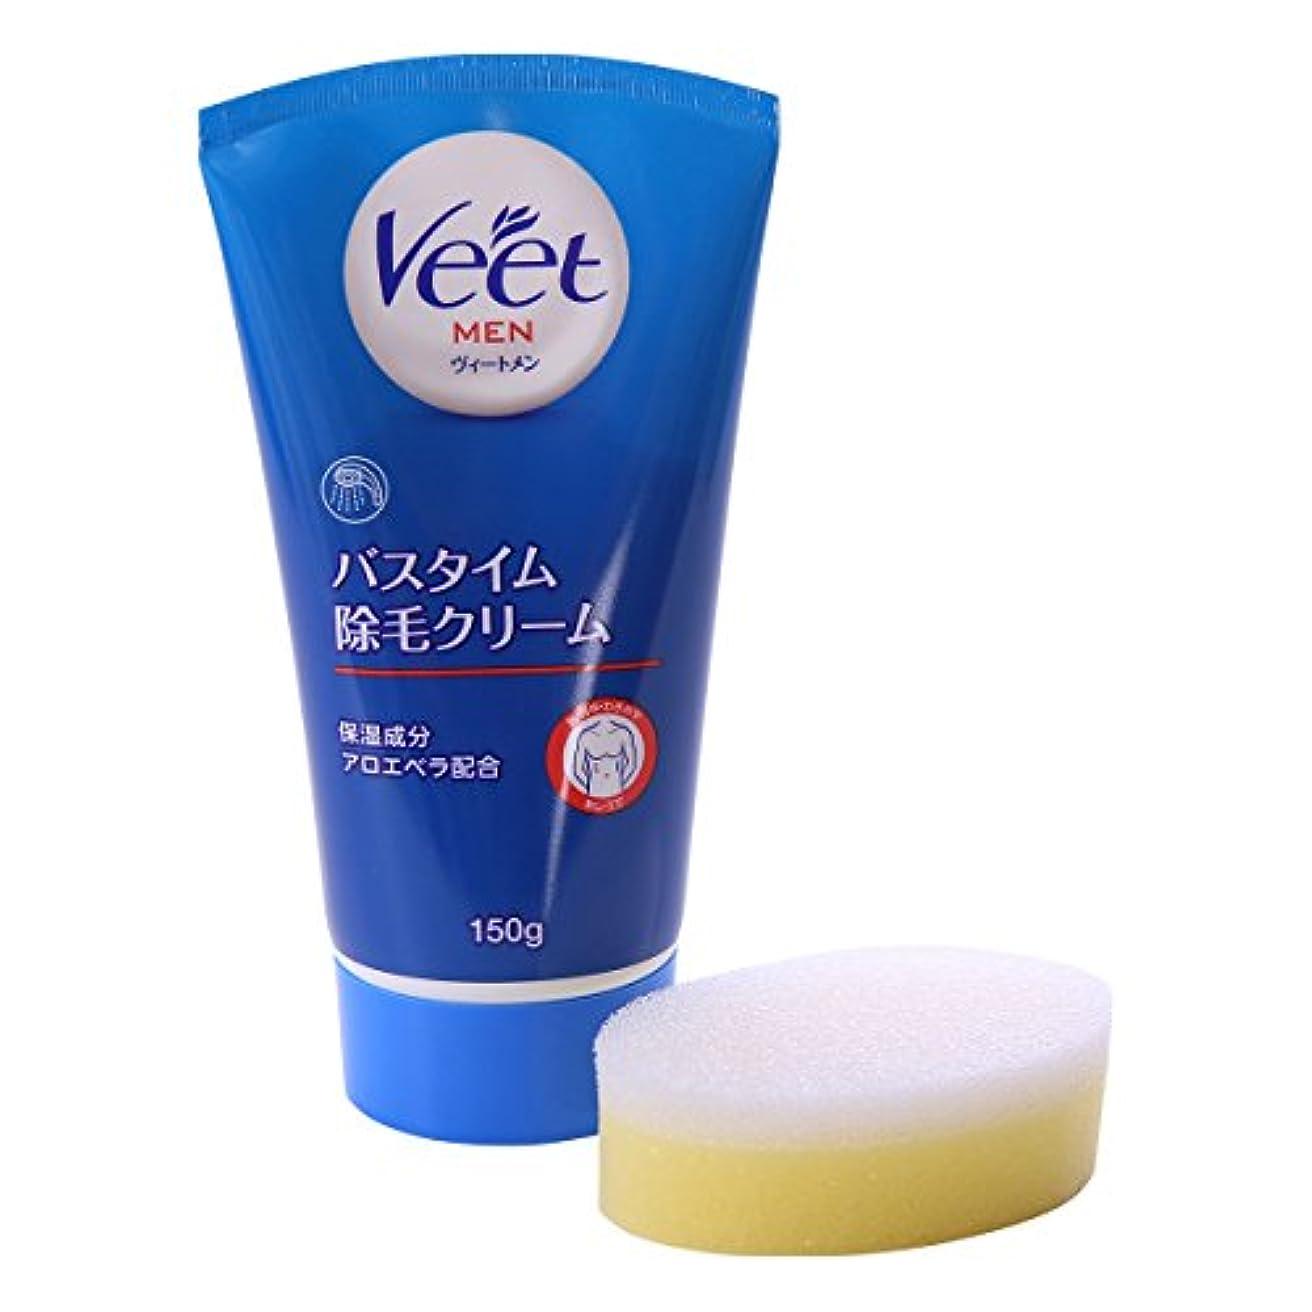 有益干ばつ香水(ヴィート)Veet メンズ バスタイム 除毛クリーム あし うで 胸 背中 わきの下